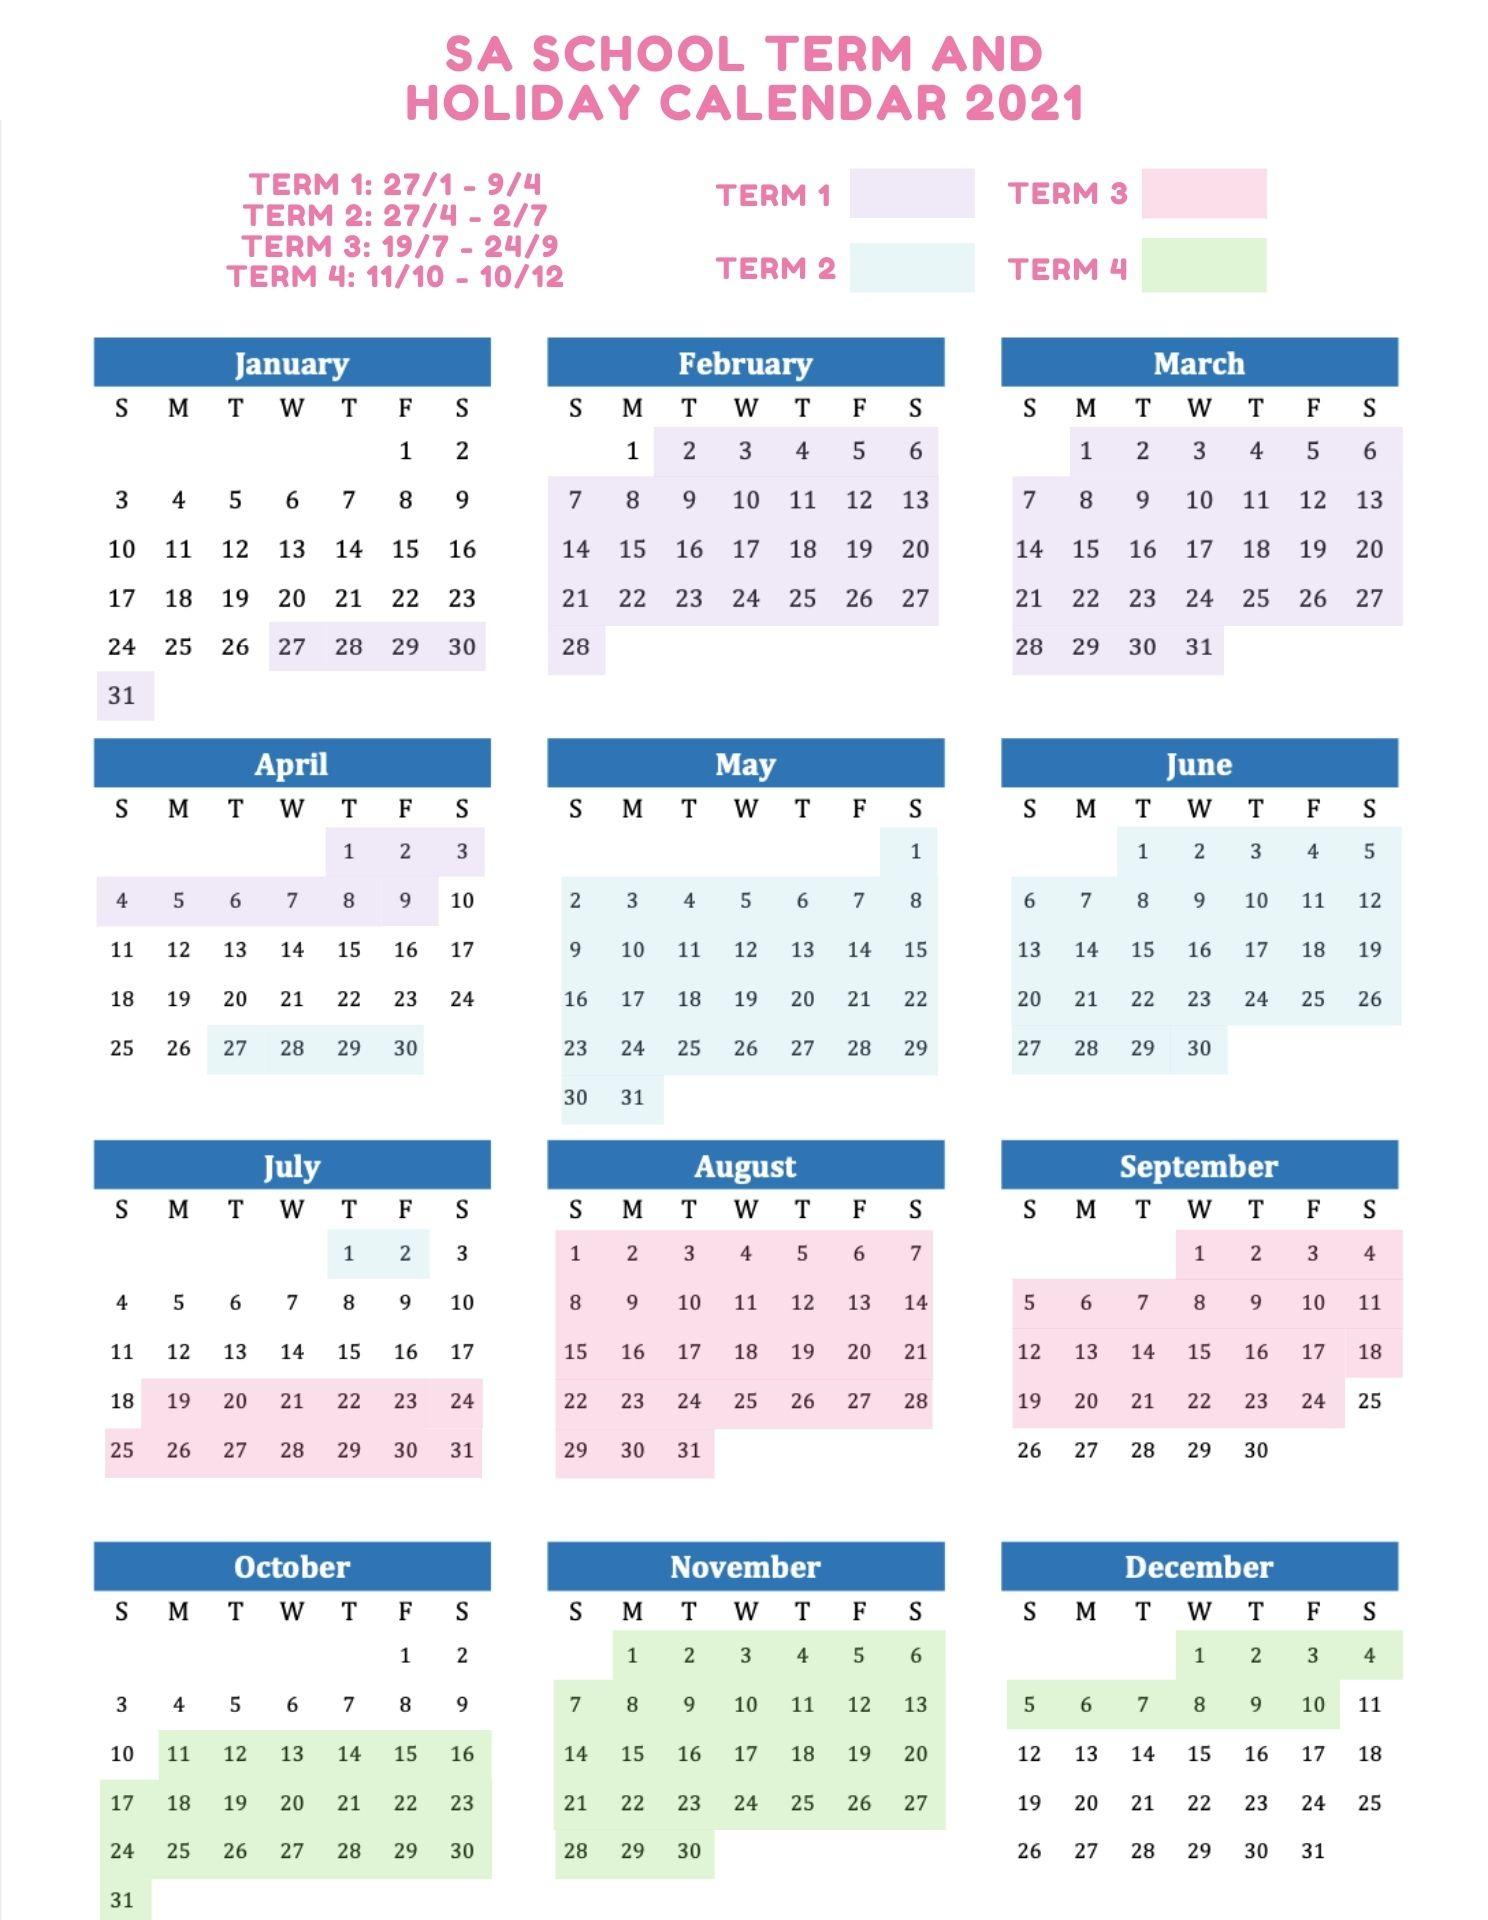 SA School Holidays 2021